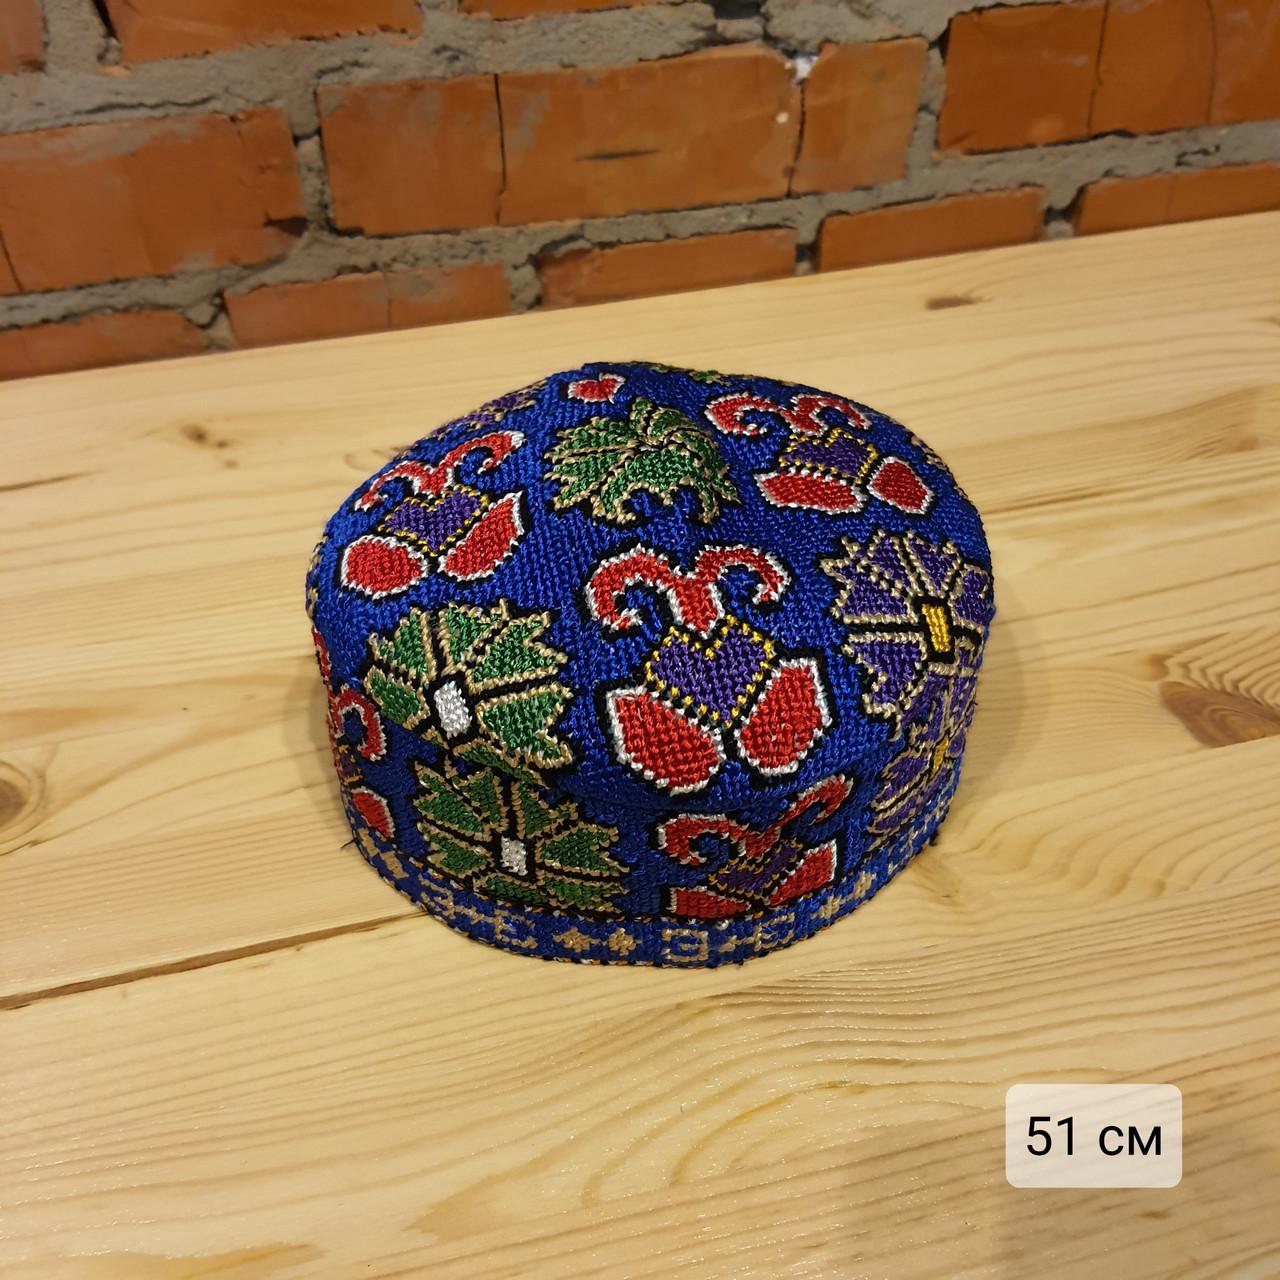 Узбекская тюбетейка 51 см. Ручная вышивка. Узбекистан (46)